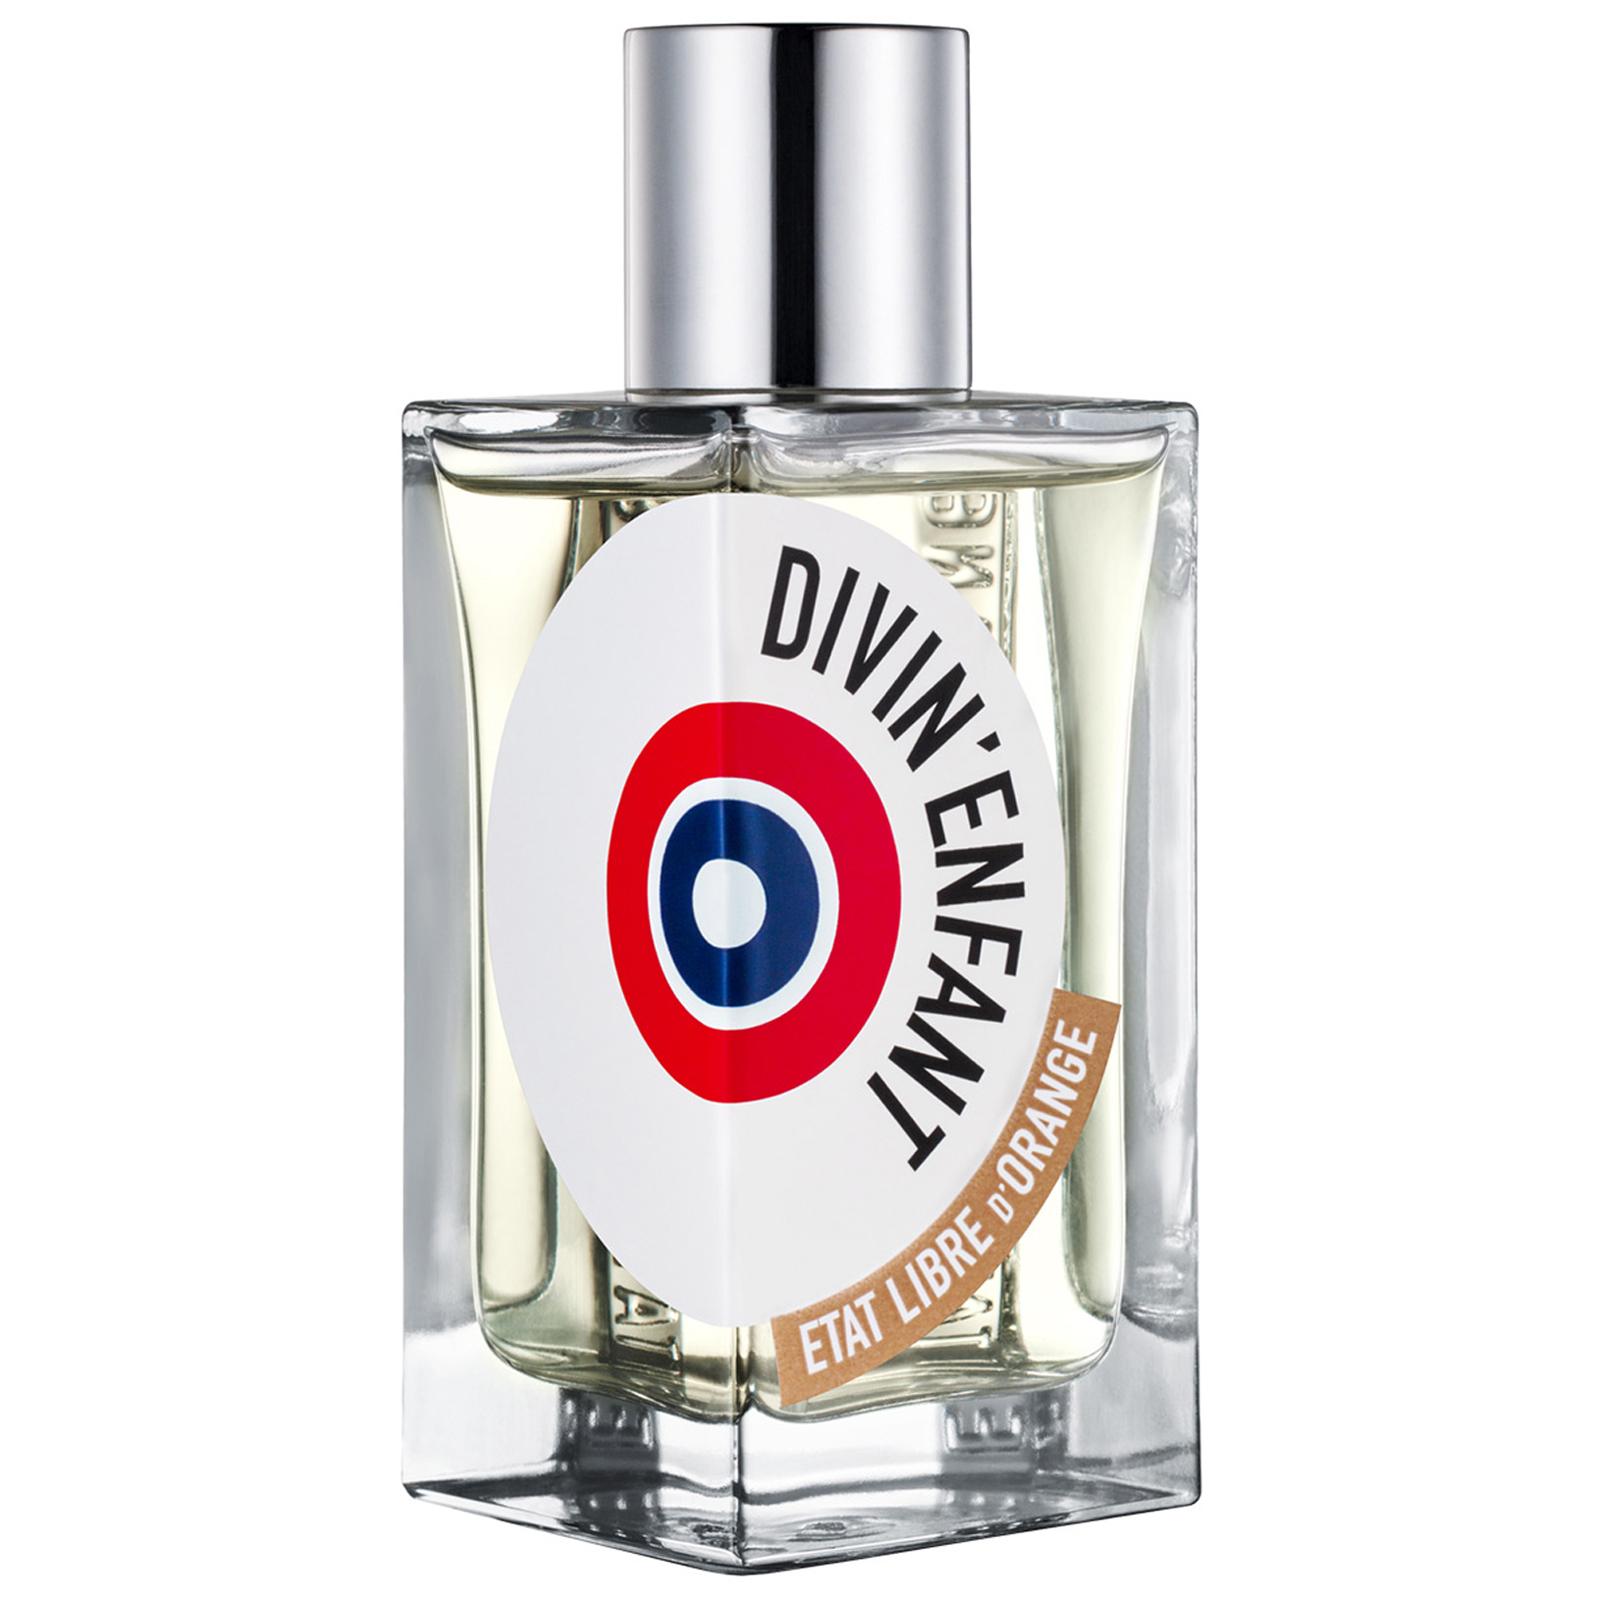 Divin enfant profumo eau de parfum 50 ml